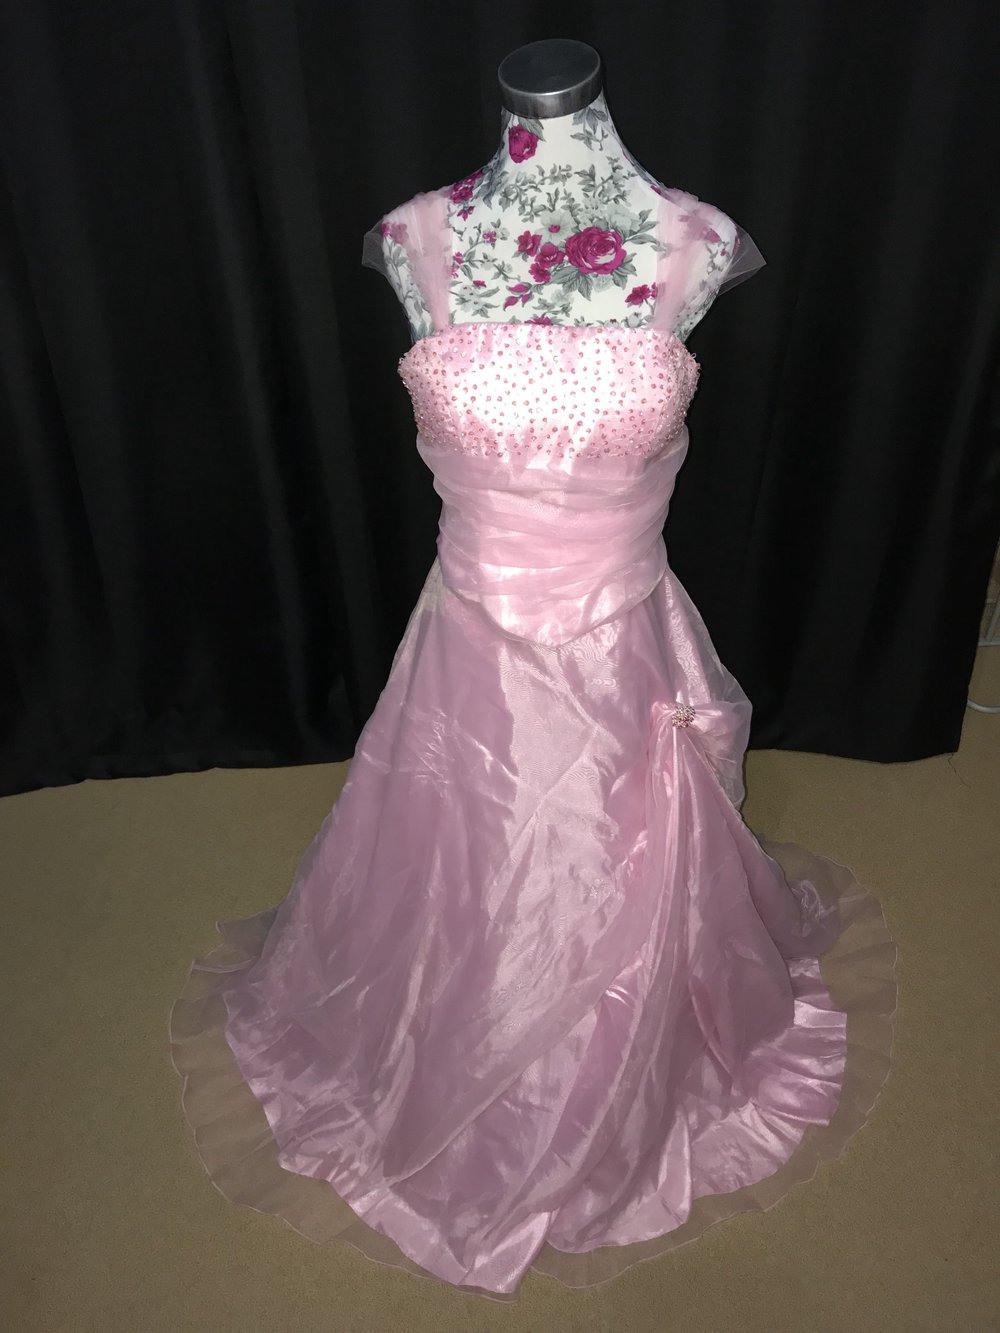 Formal Ausgezeichnet Kleid Für Die Hochzeit DesignDesigner Schön Kleid Für Die Hochzeit Boutique